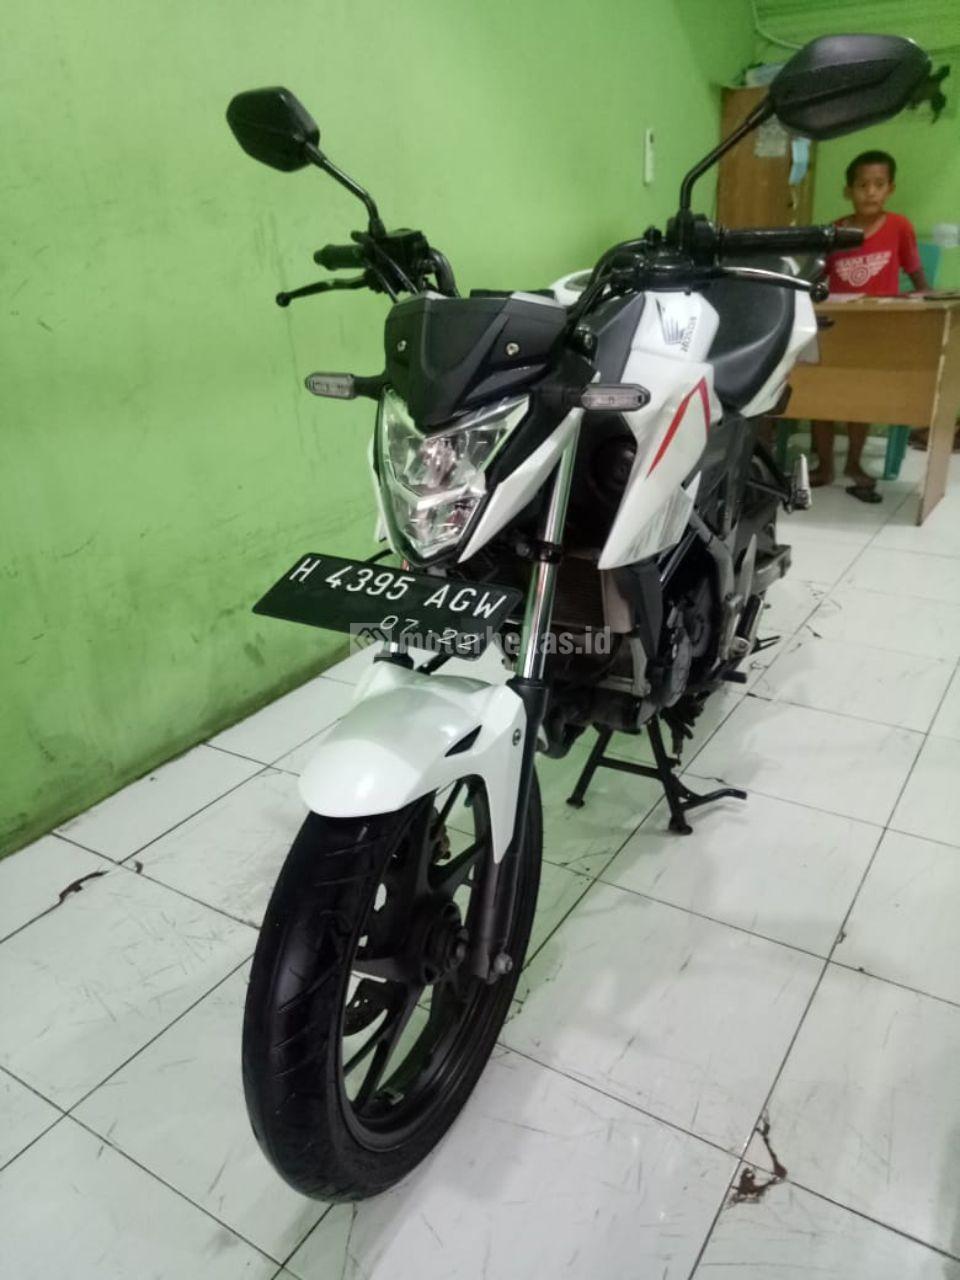 HONDA CB 150R  1104 motorbekas.id